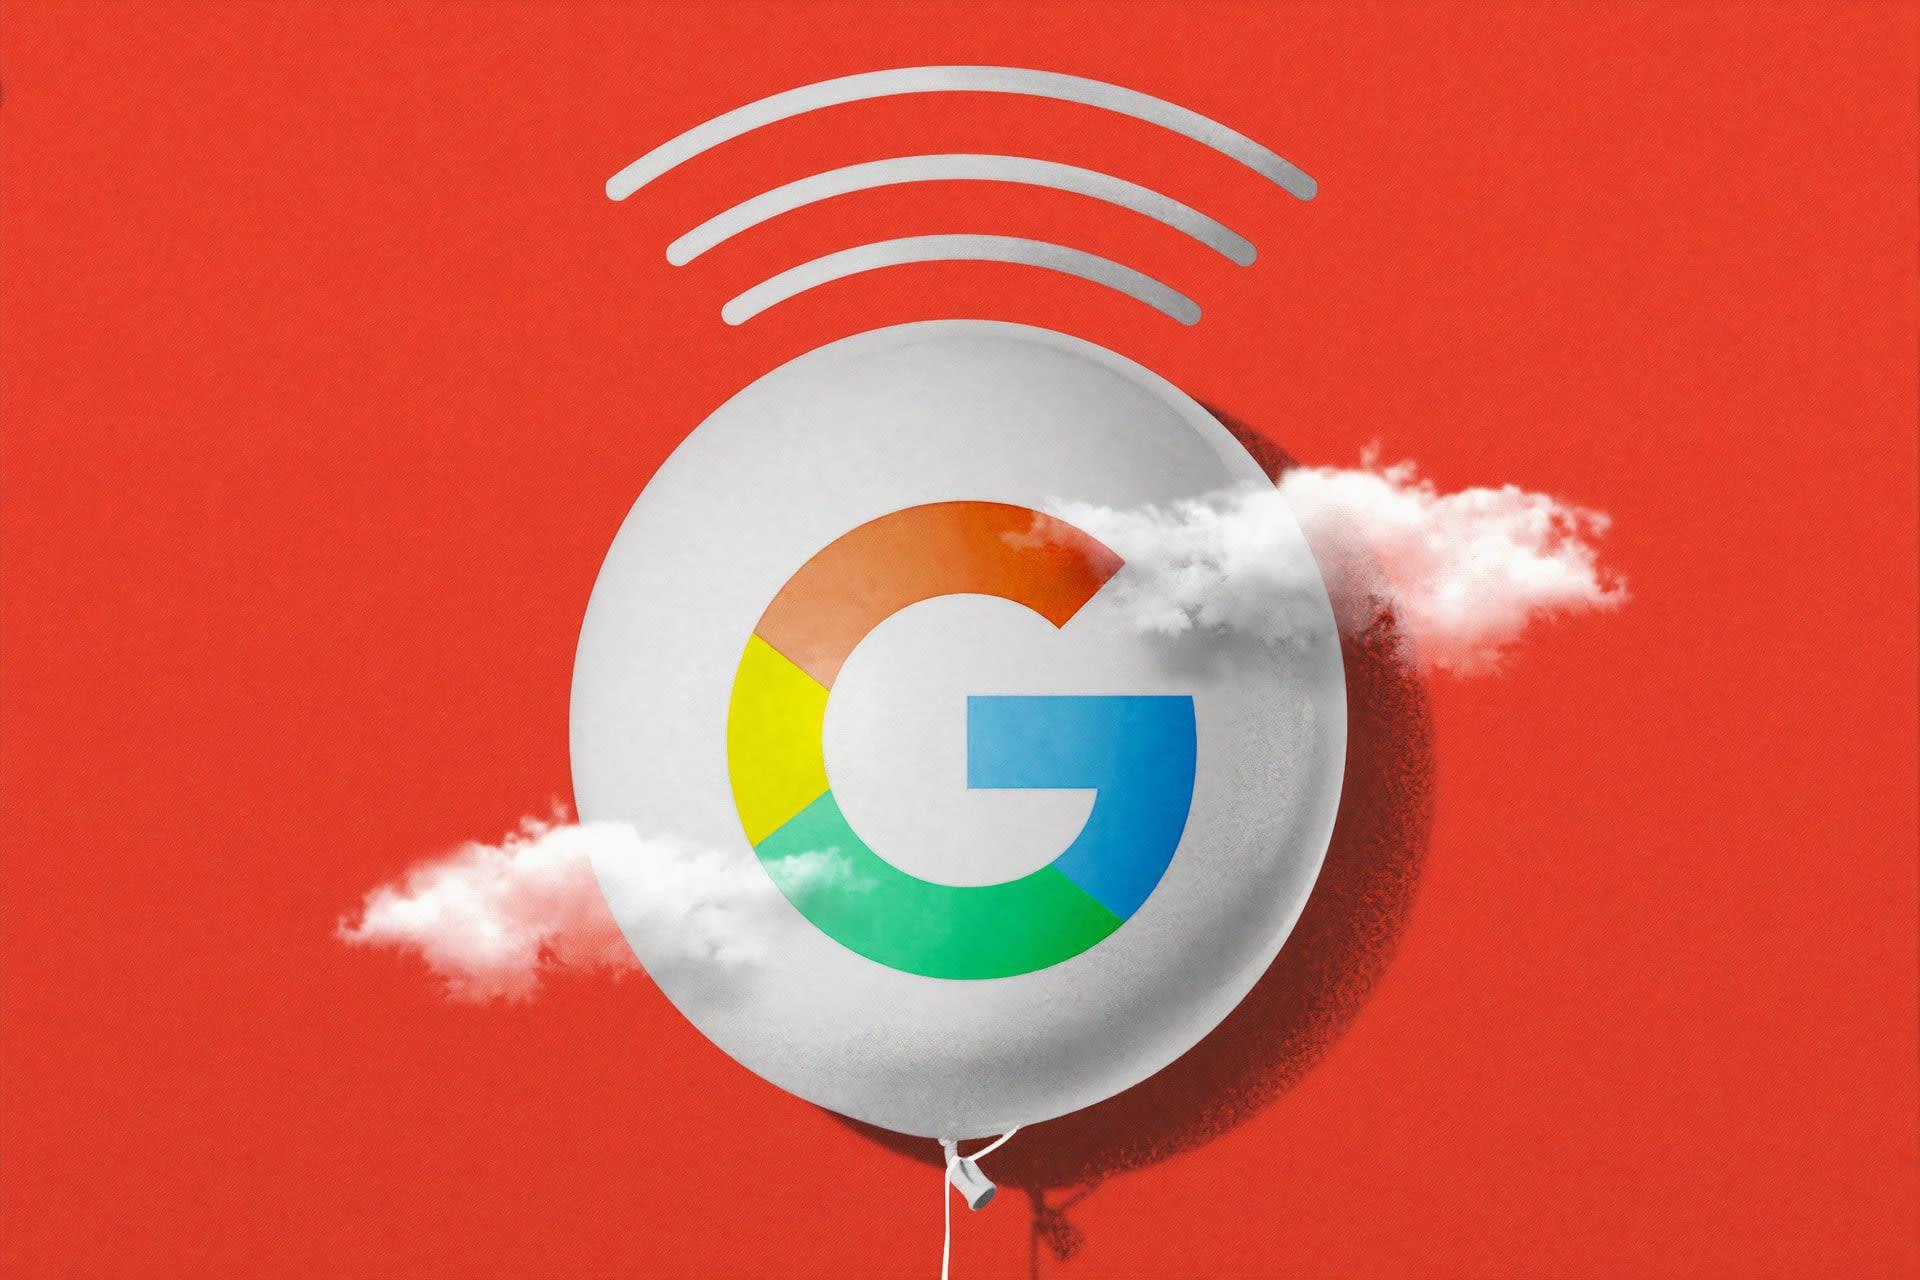 Wat willen zoekmachines zoals Google?